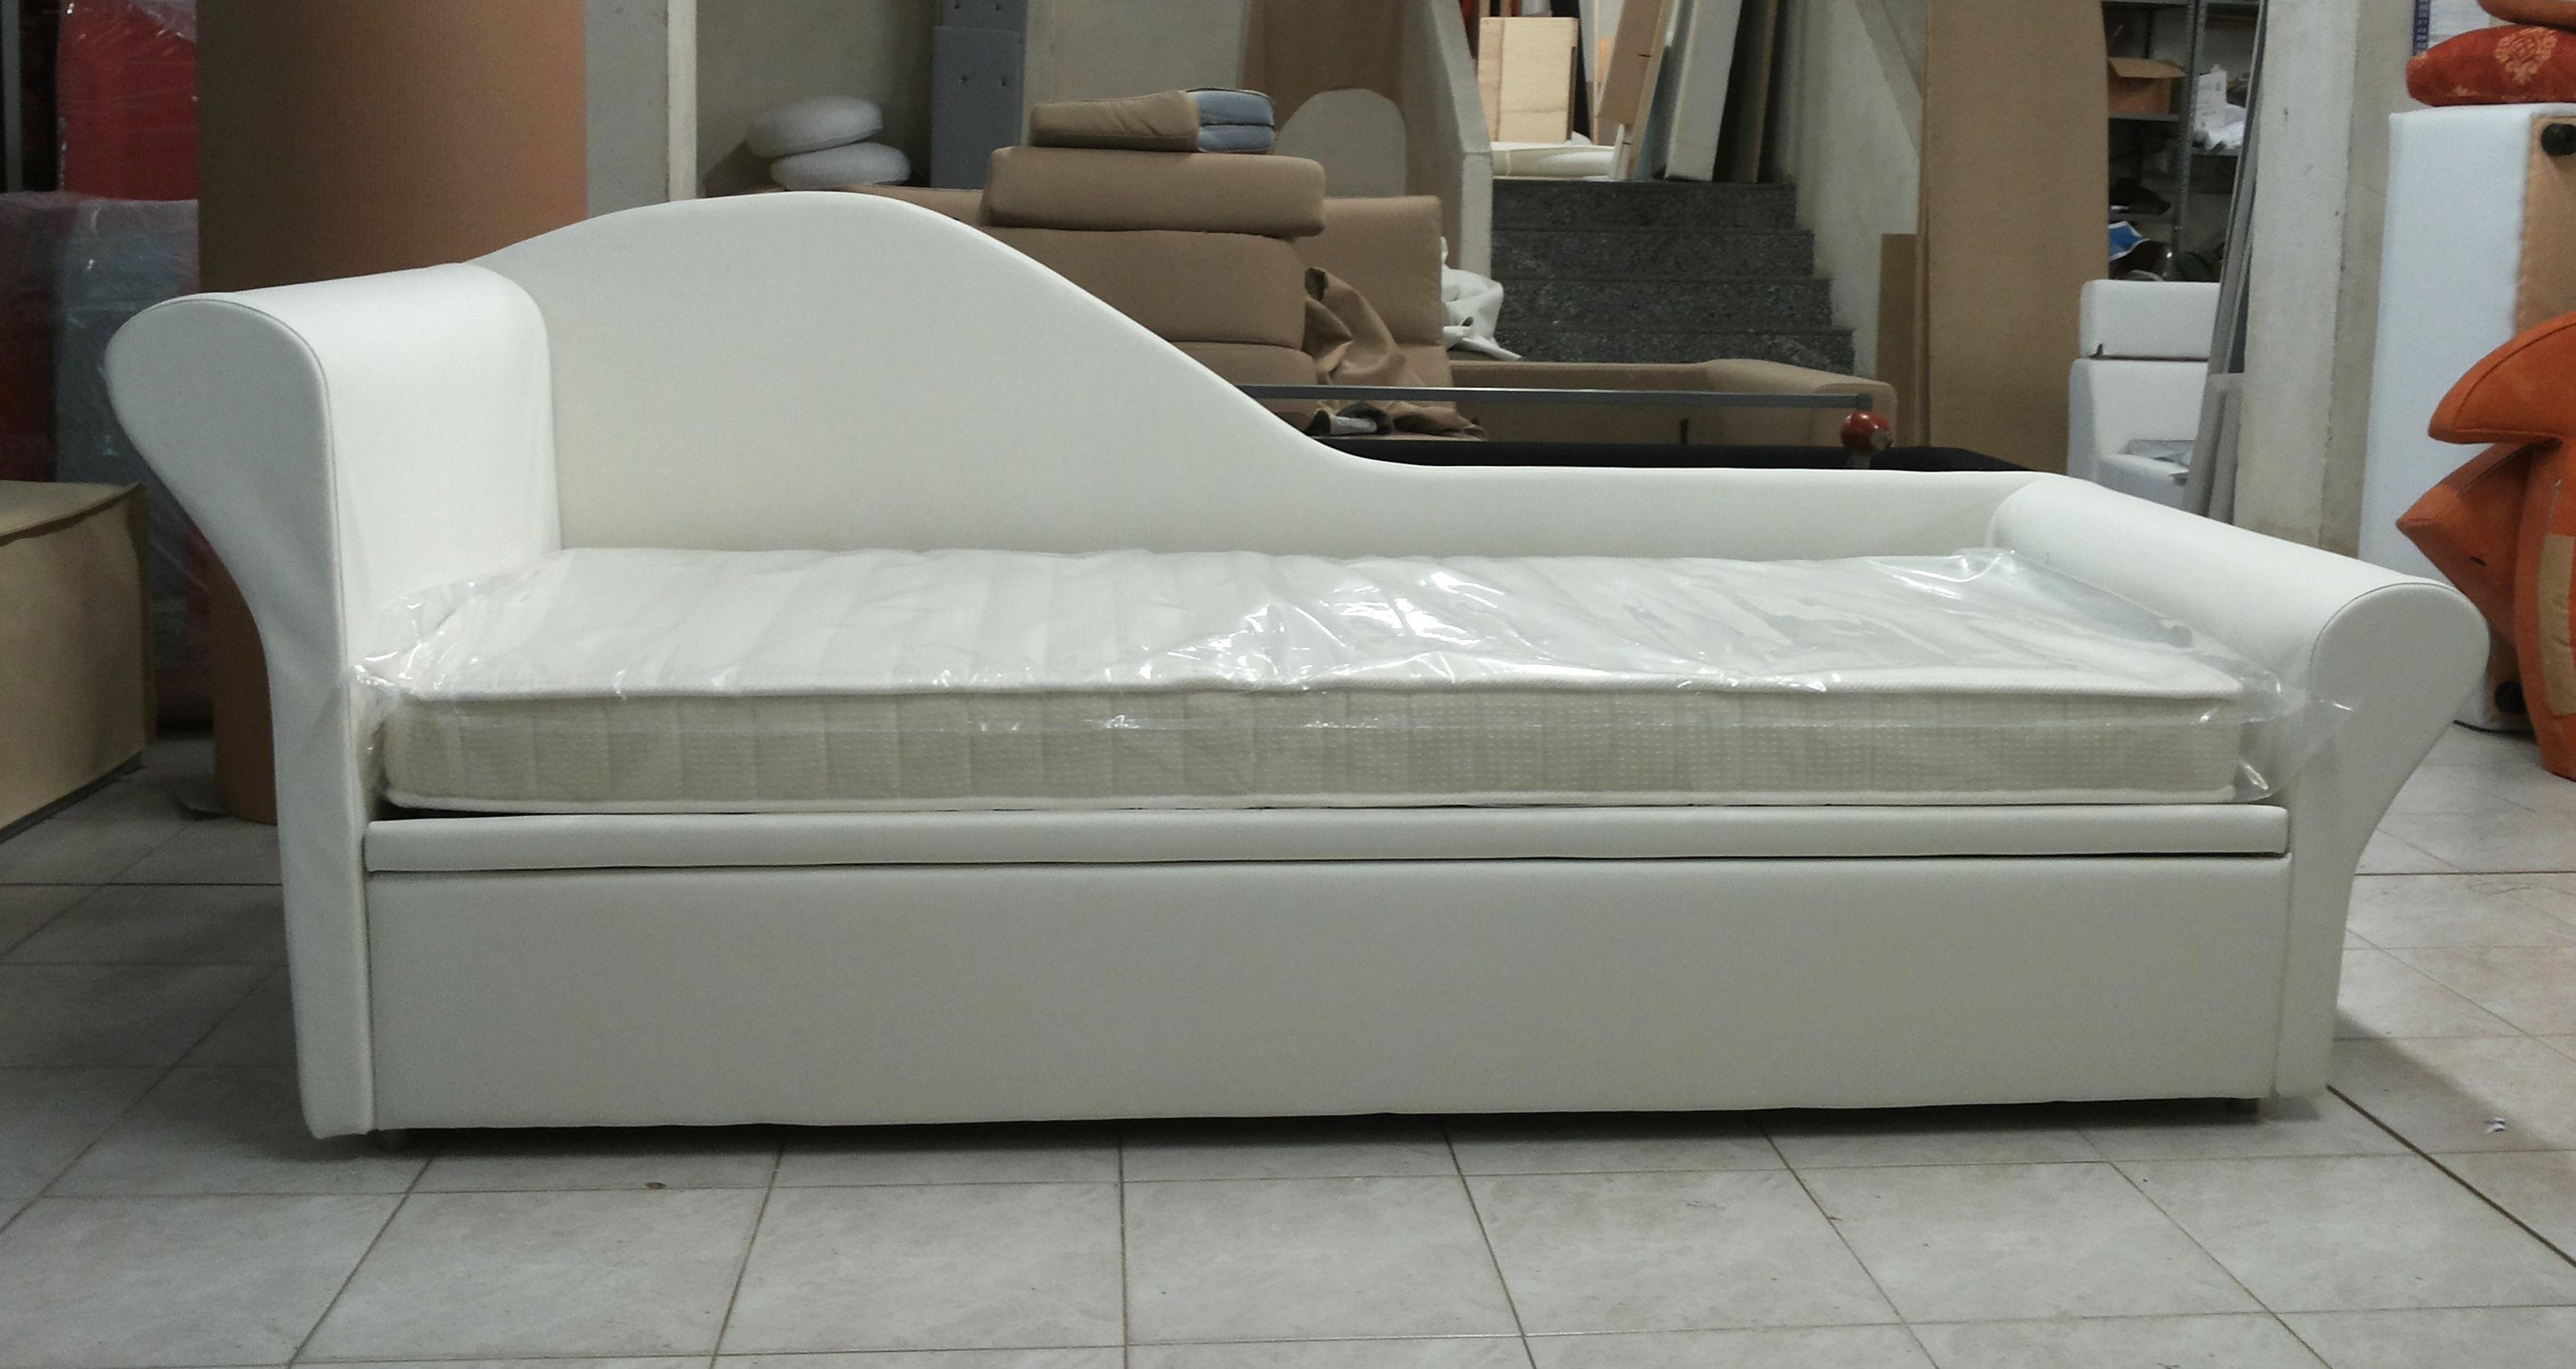 Chaise longue versione letto con secondo letto - Copridivano chaise longue su misura ...